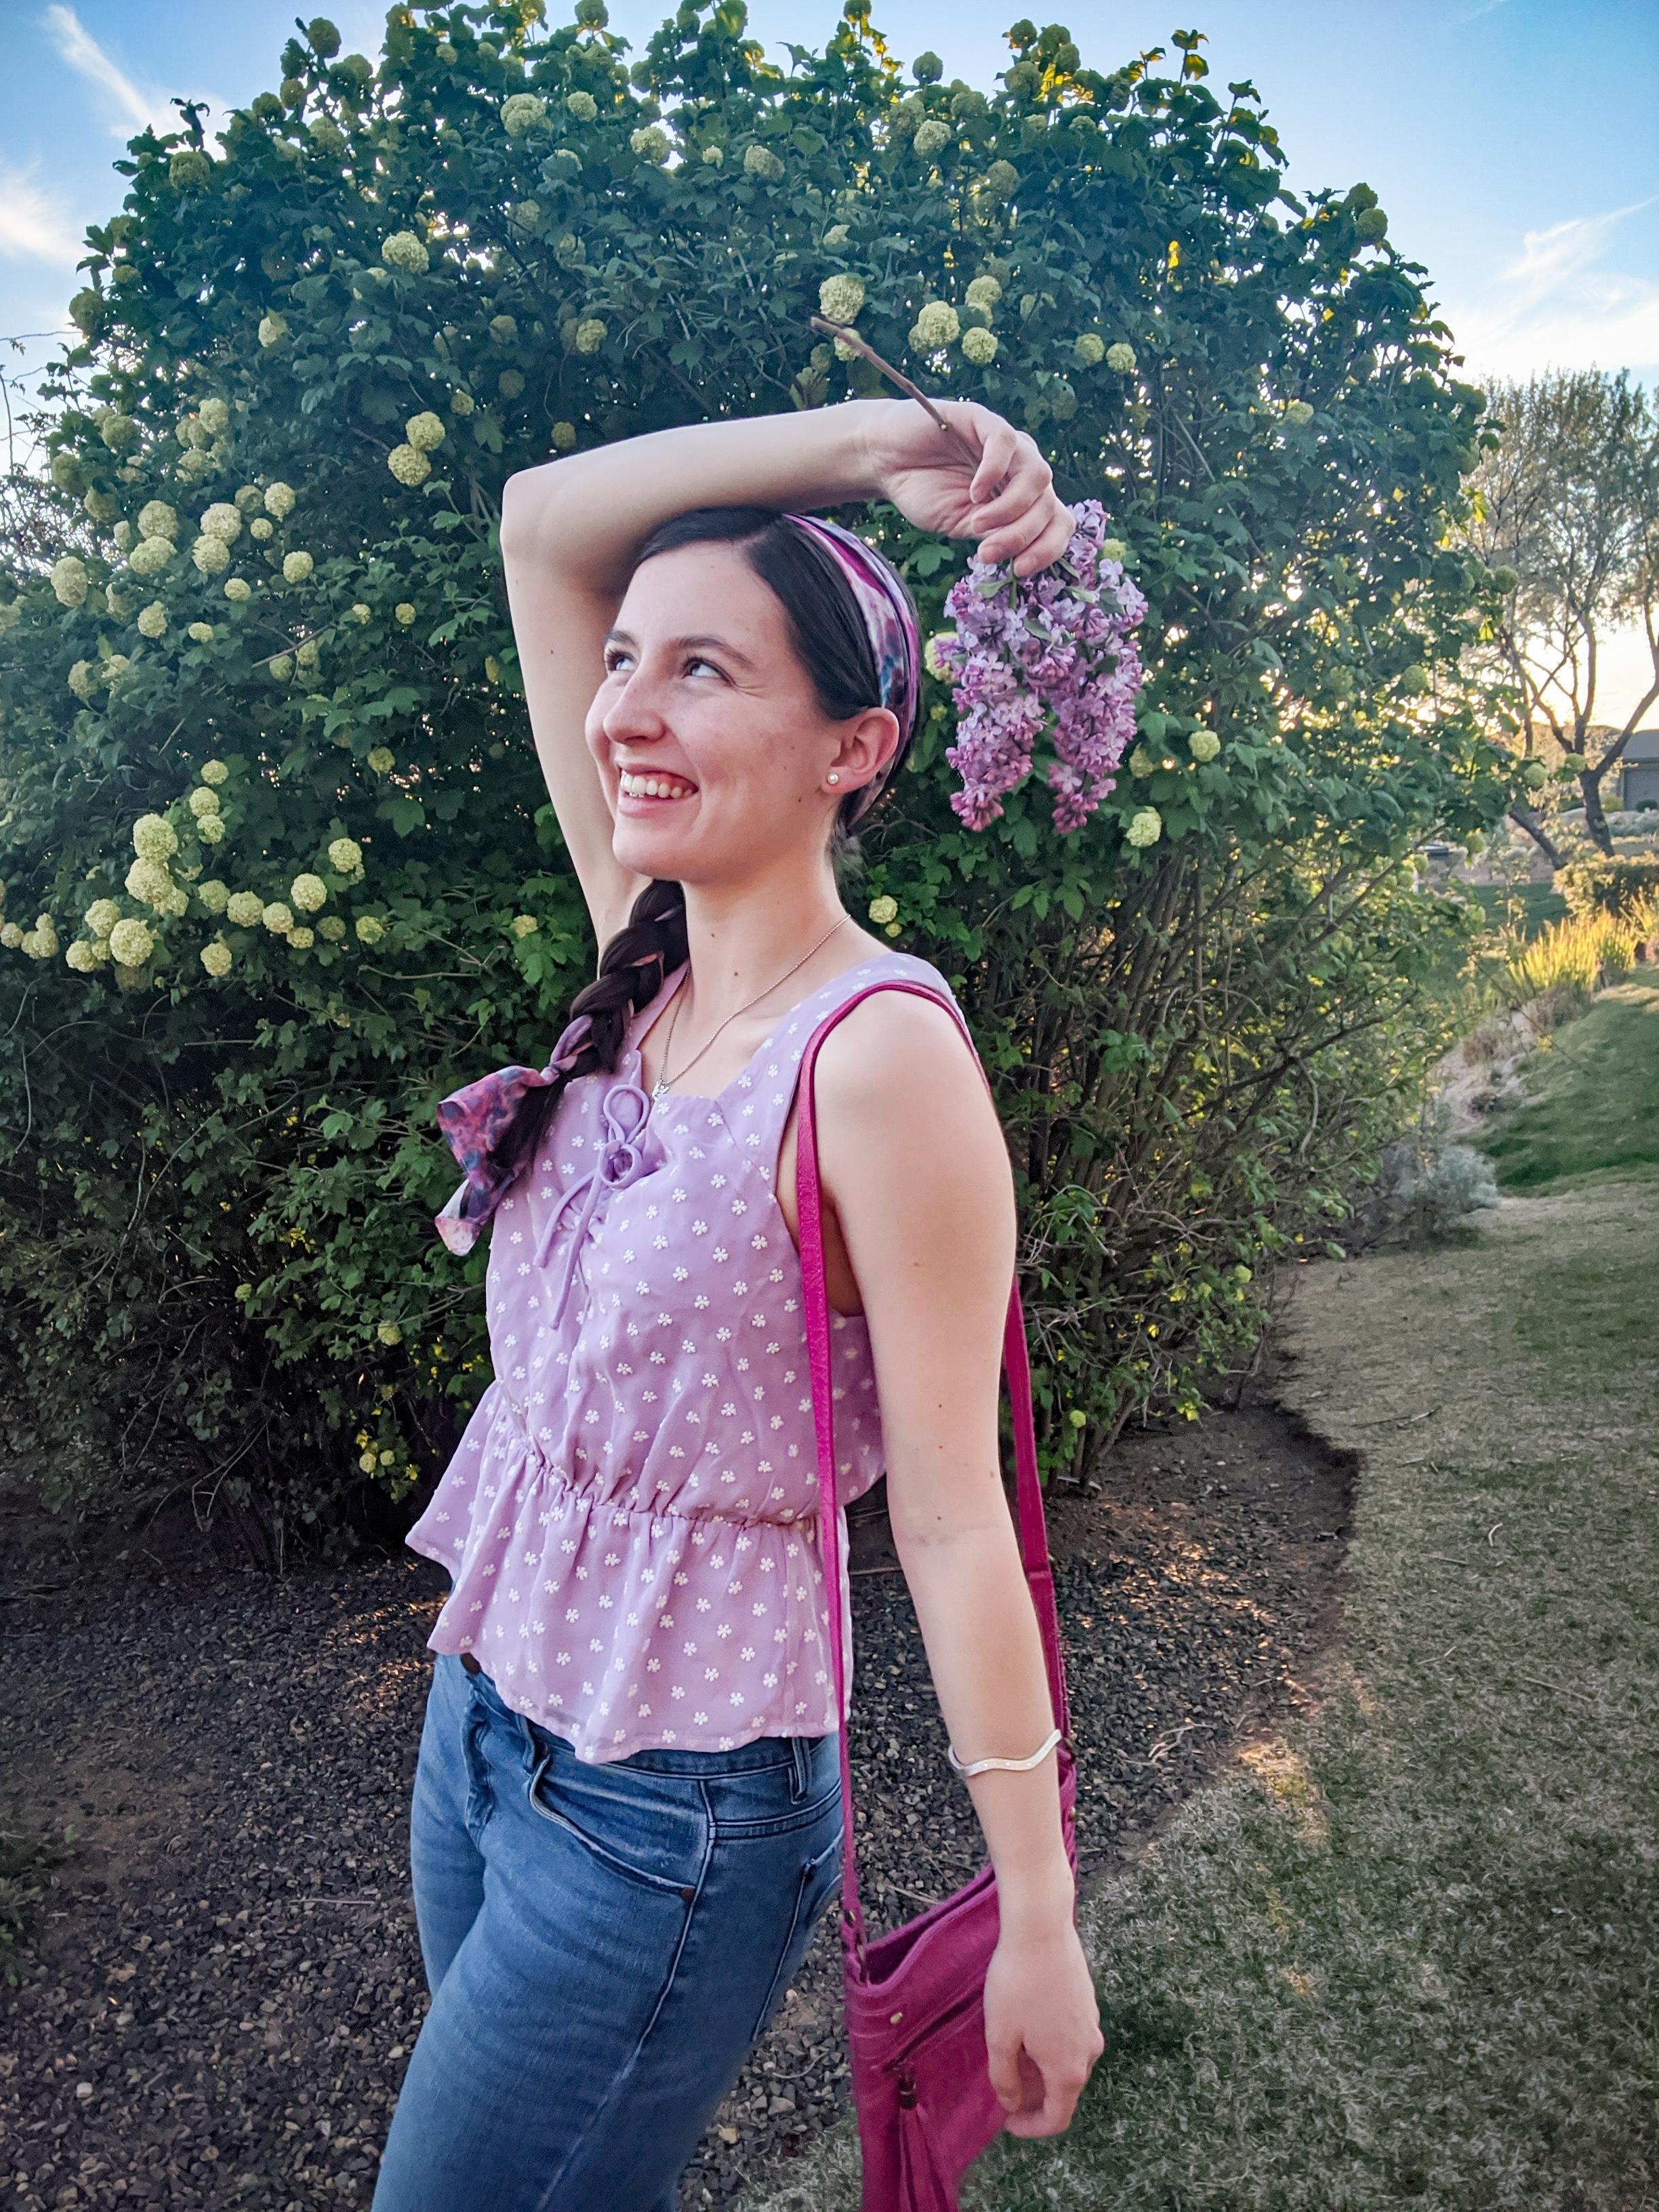 purple floral blouse, blue jeans, denim day